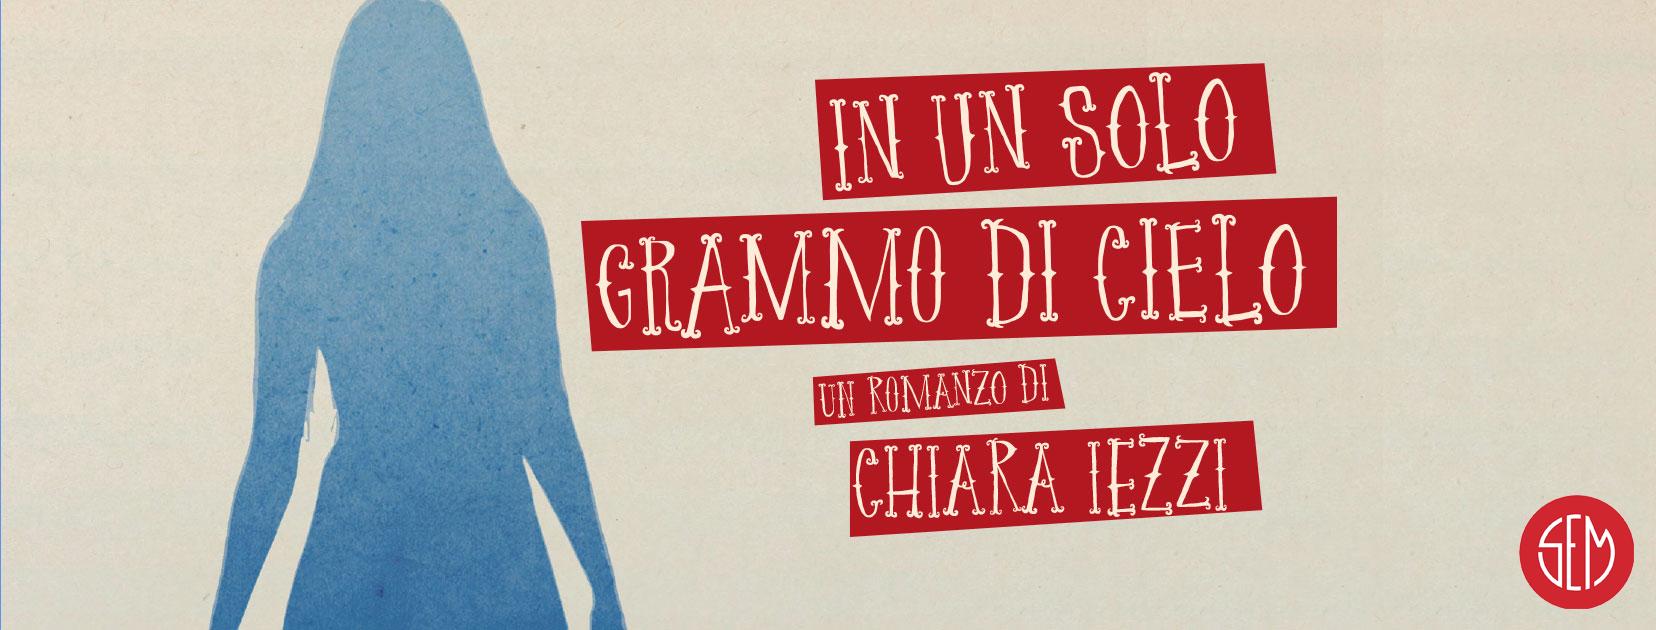 In un solo grammo di cielo – intervista a Chiara Iezzi